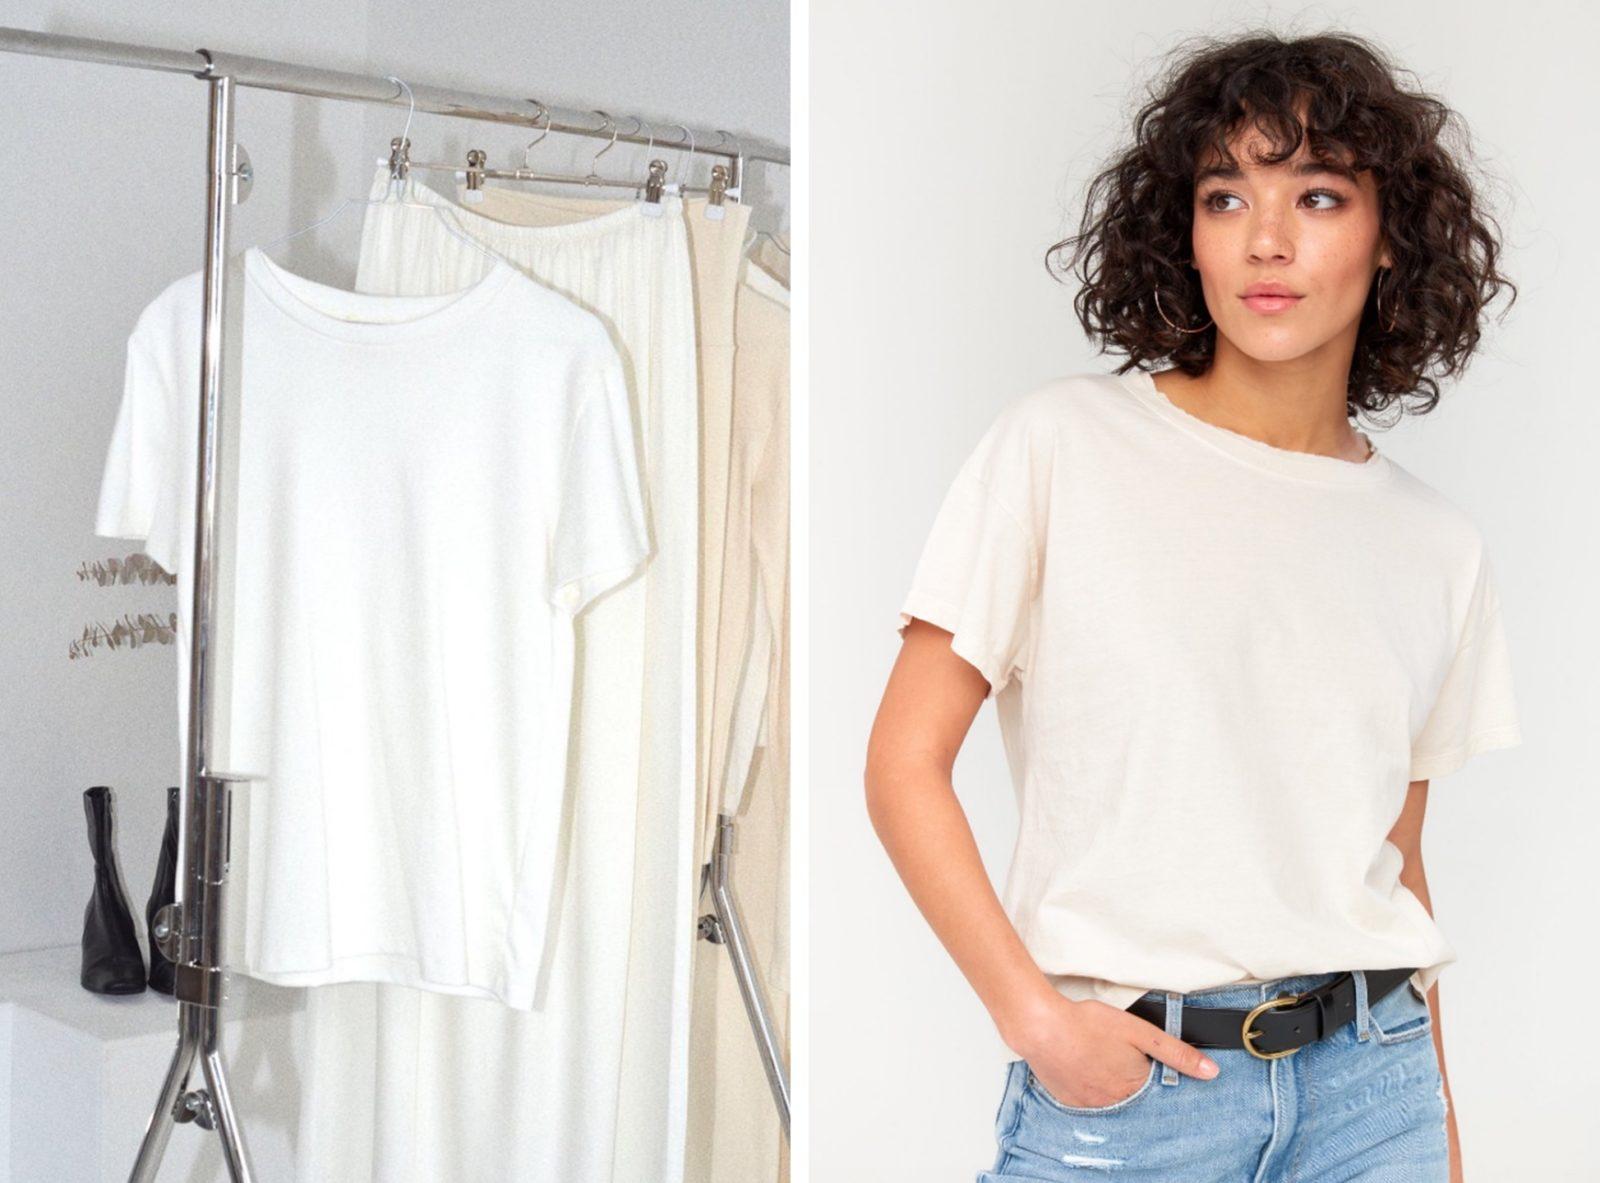 835c578e 42 Eco-Friendly & Fairtrade White T-Shirts For Every Budget